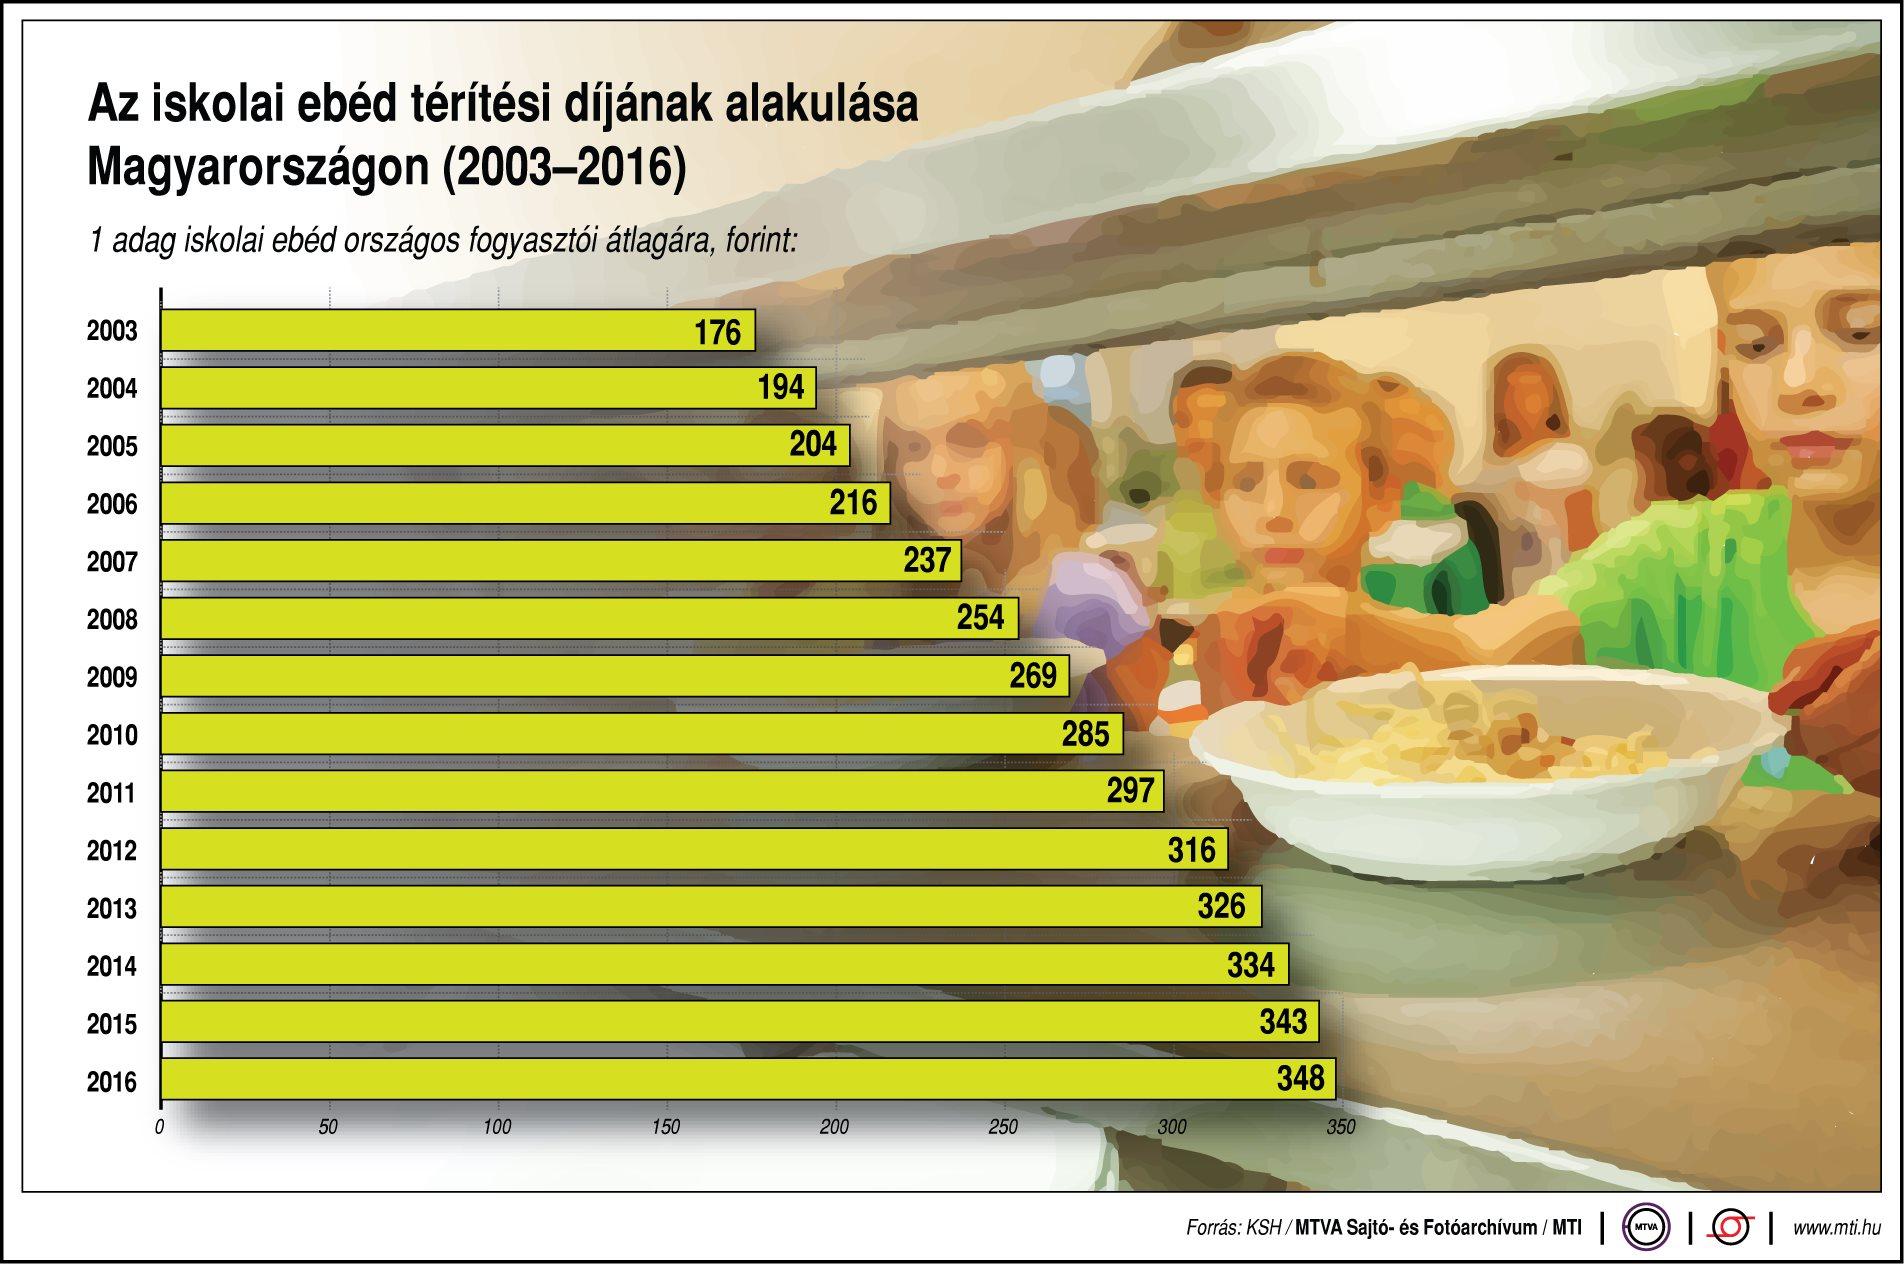 Az iskolai ebéd térítési díjának alakulása Magyarországon